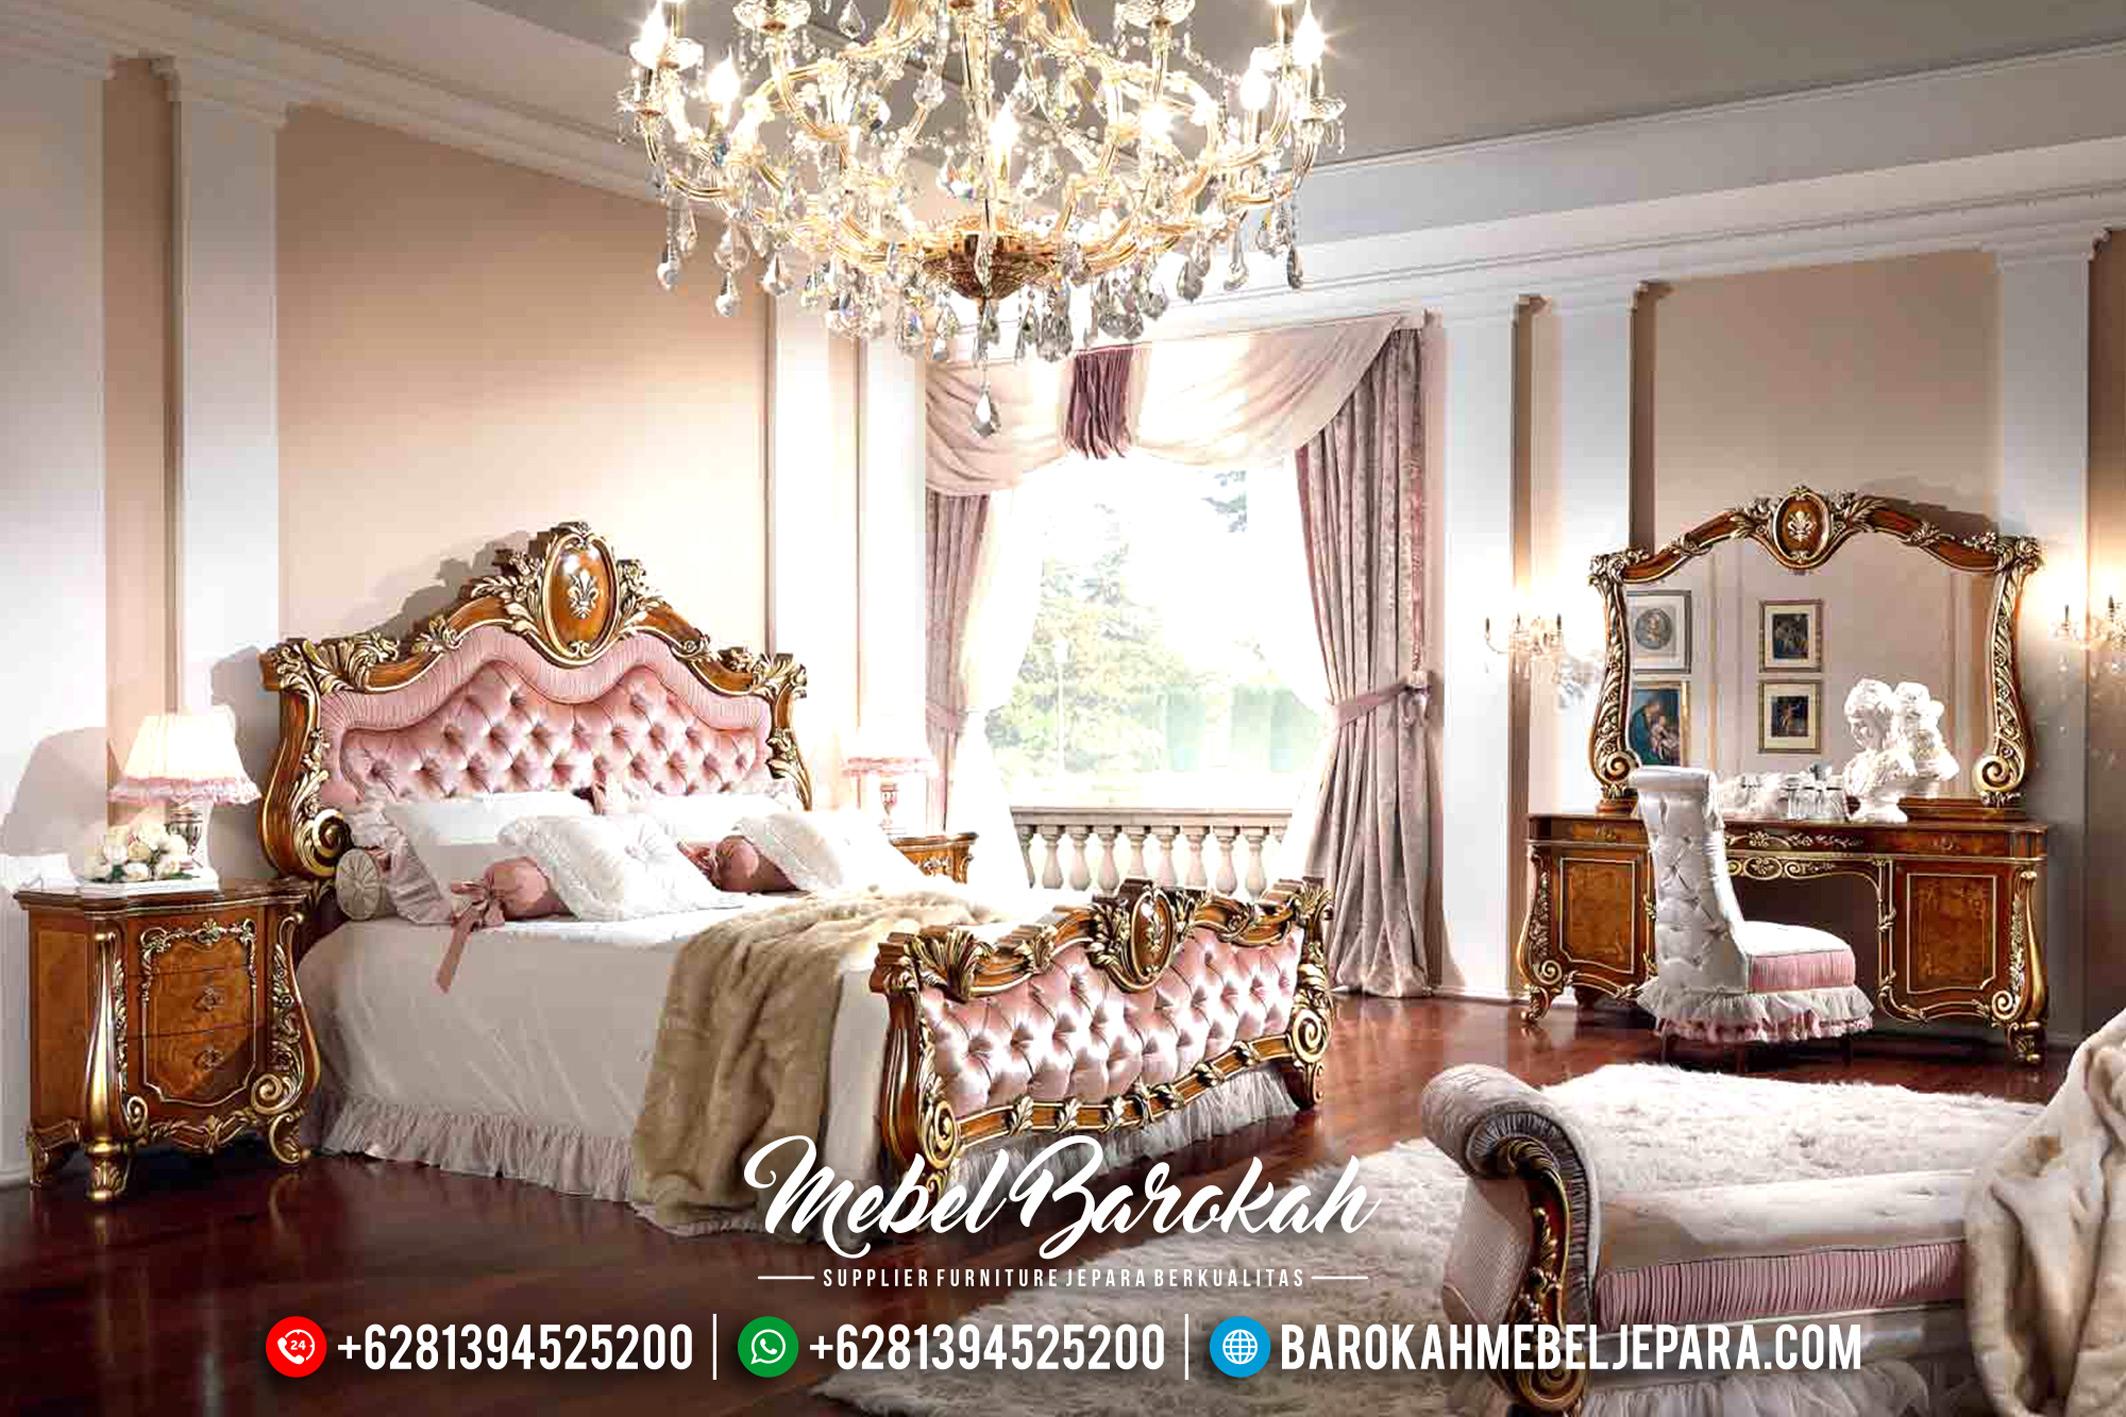 Furniture Indonesia Mebel Murah Tempat Tidur Jepara Mewah Klasik MB-0179